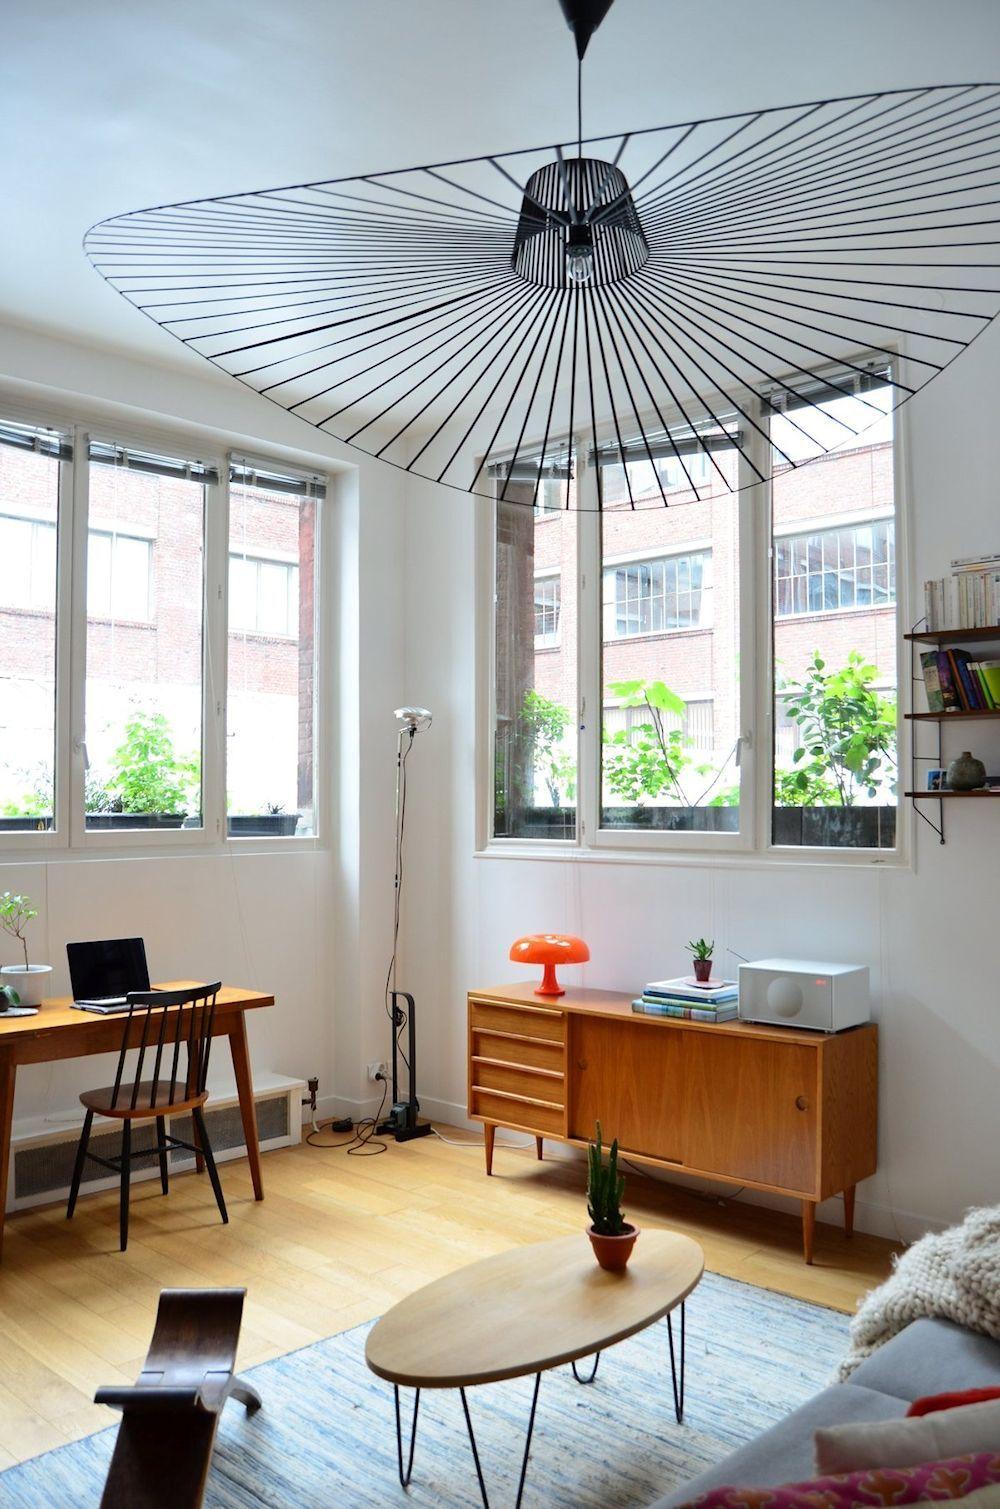 Pin de diego cordero en decoraci n casa pinterest for Decoracion vintage para apartamentos